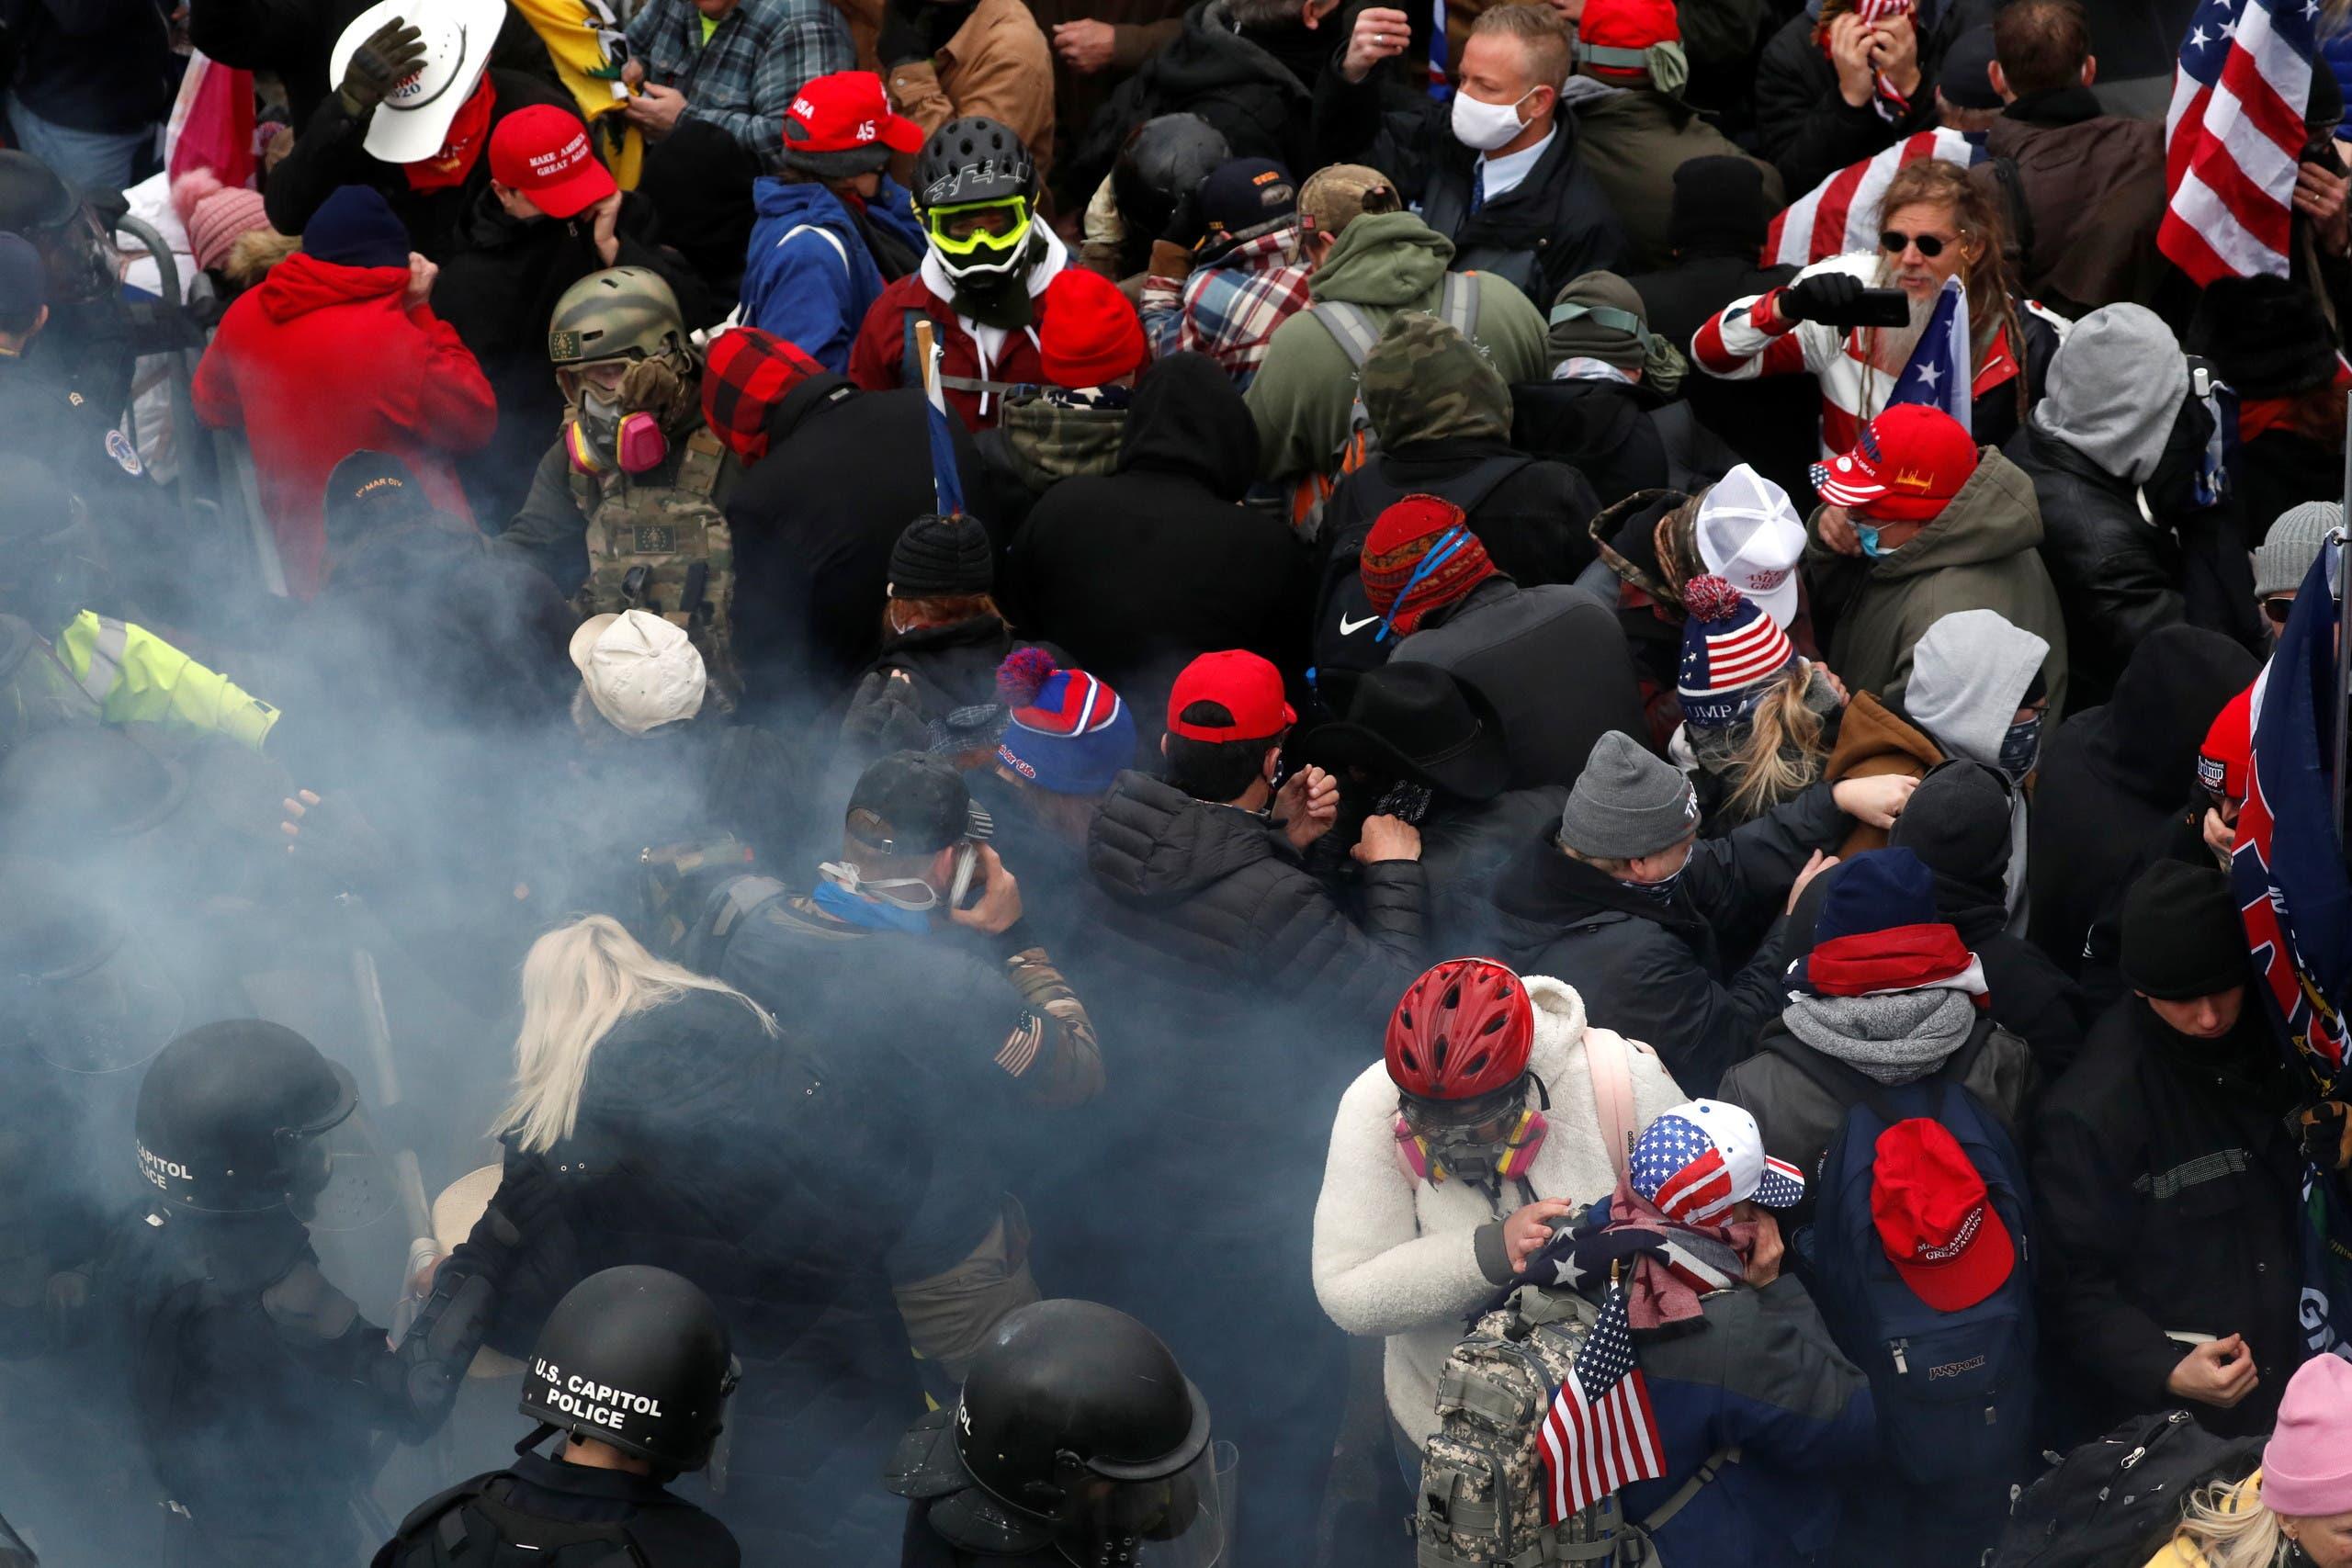 أنصار ترمب أثناء تجمعهم خارج مبنى الكابيتول يوم 6 يناير